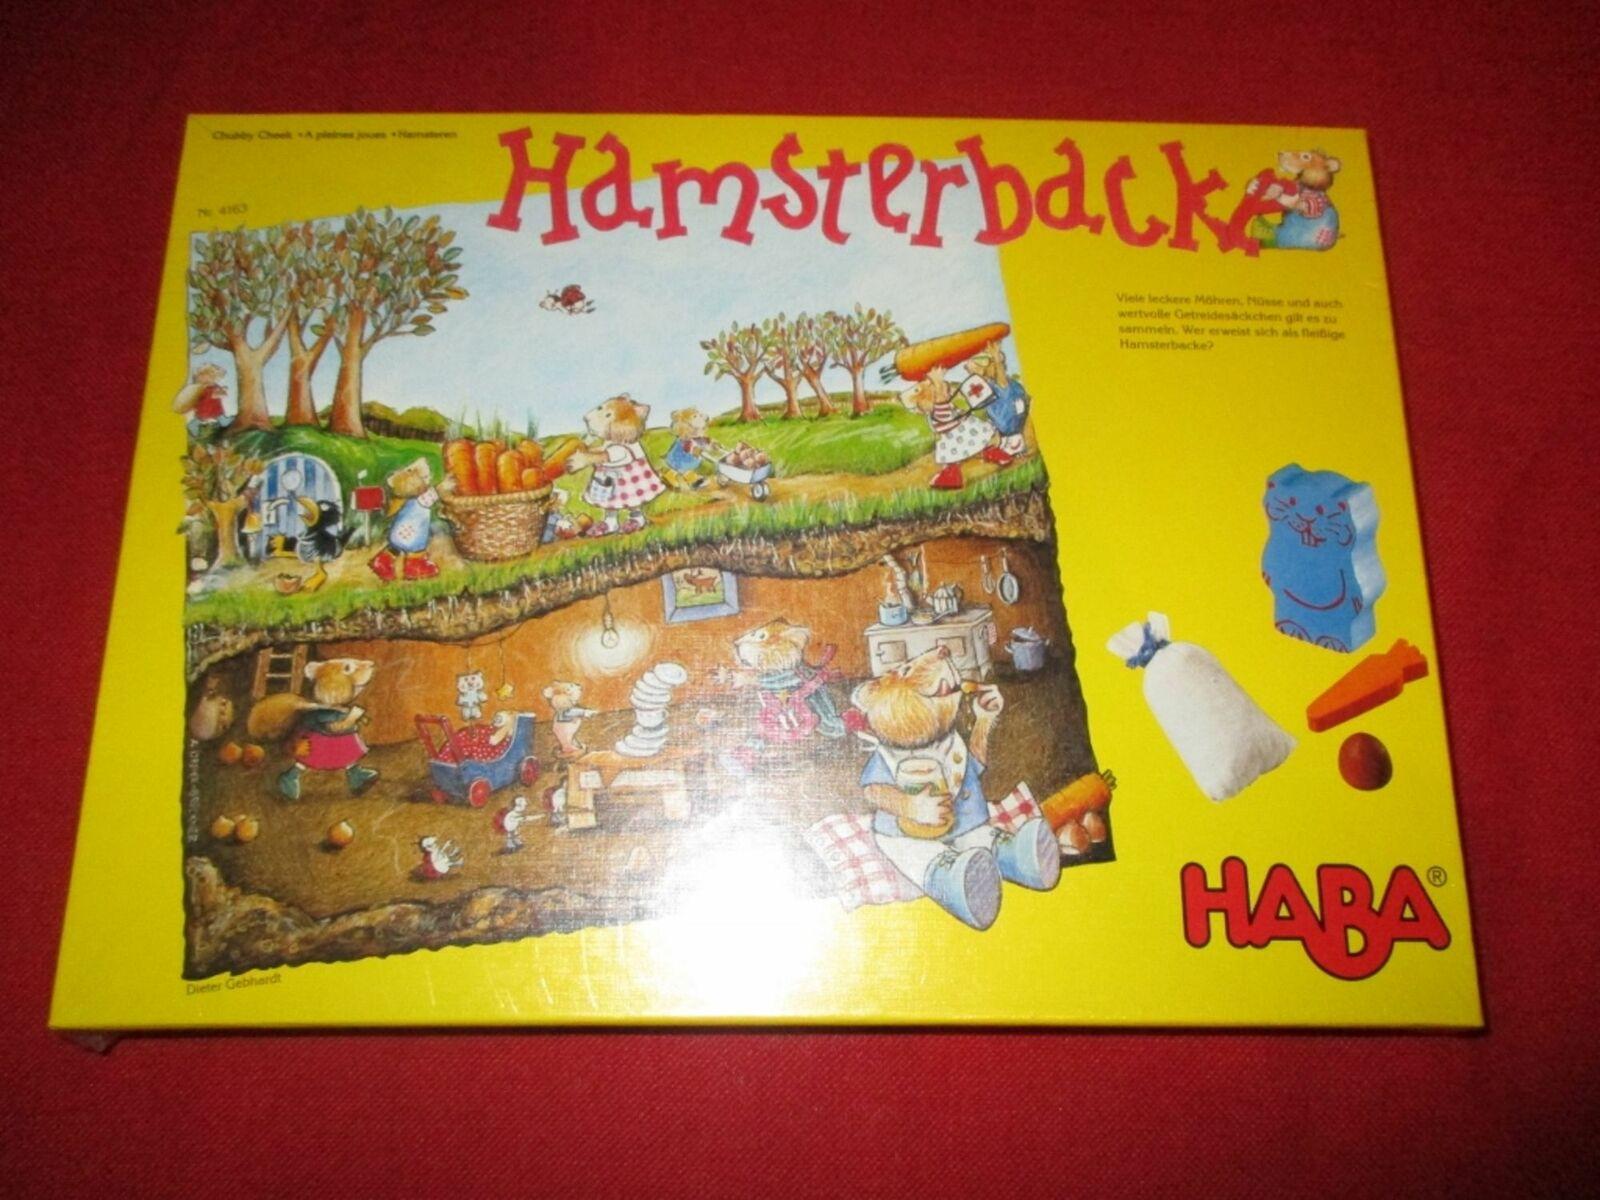 Haba ® 4163 de recogida y juego de dados hamsterbacke nuevo embalaje original